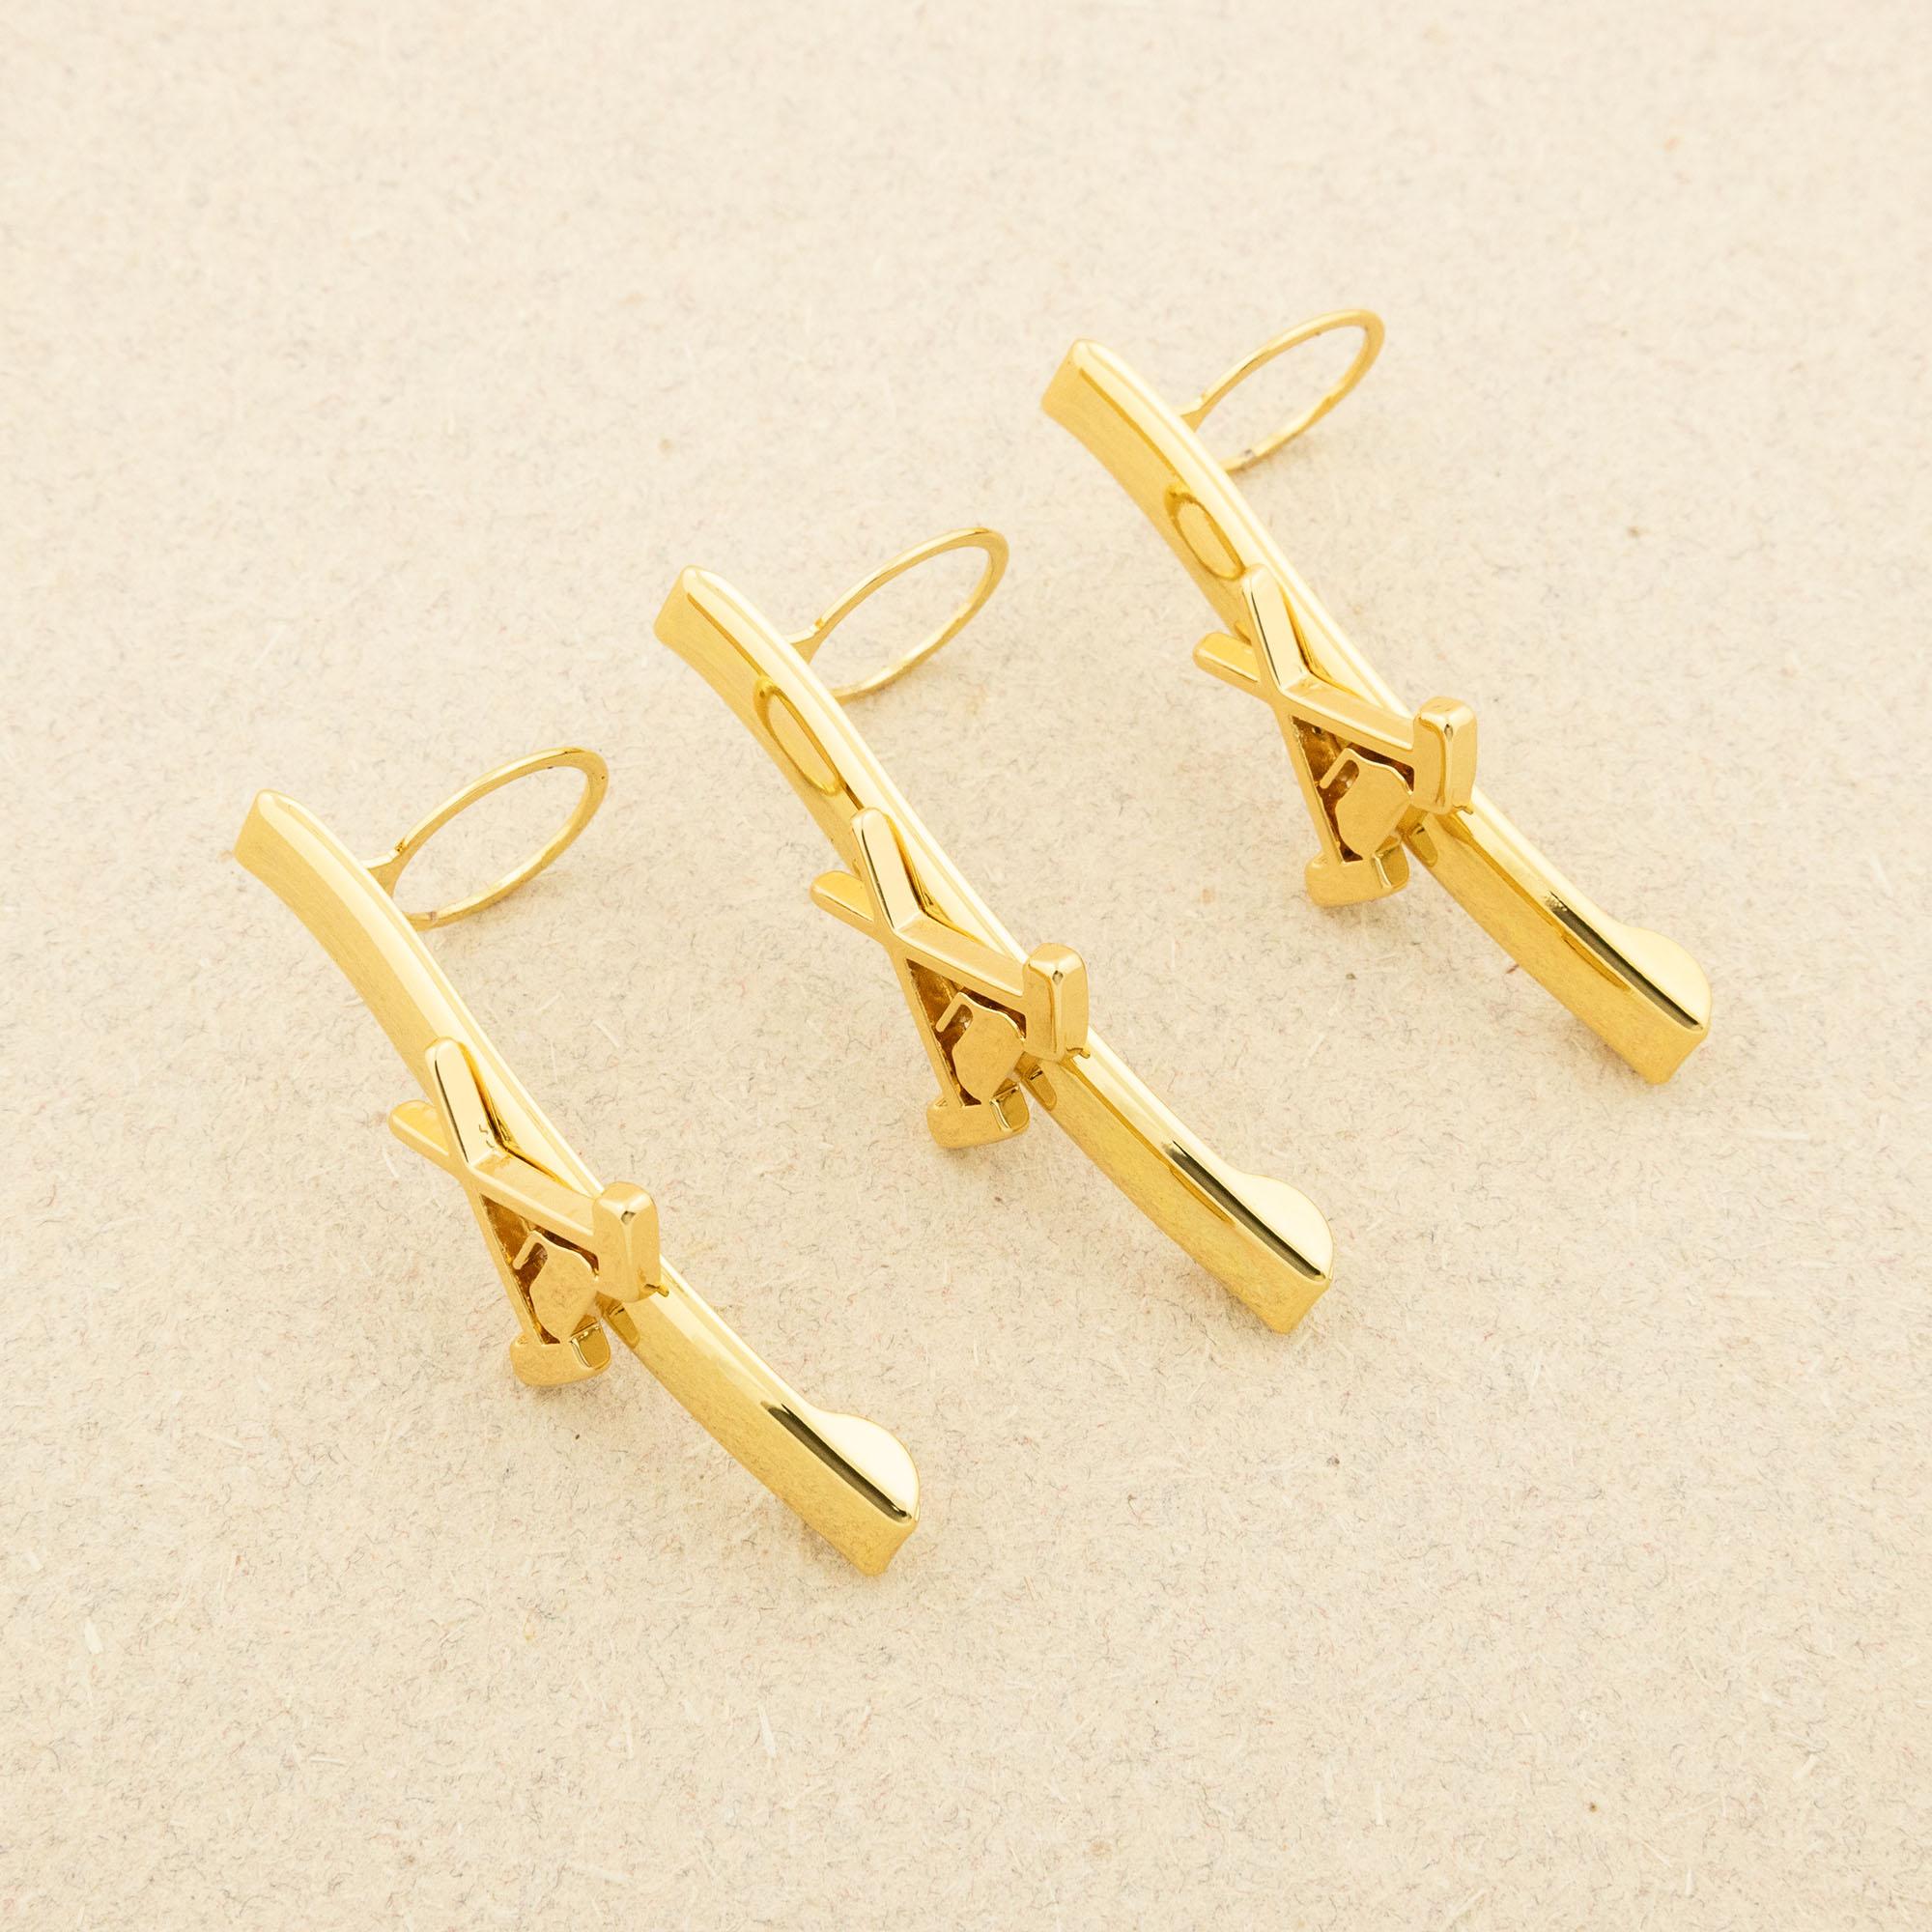 Maple Leaf pen kit clips gold curling - 3 pack